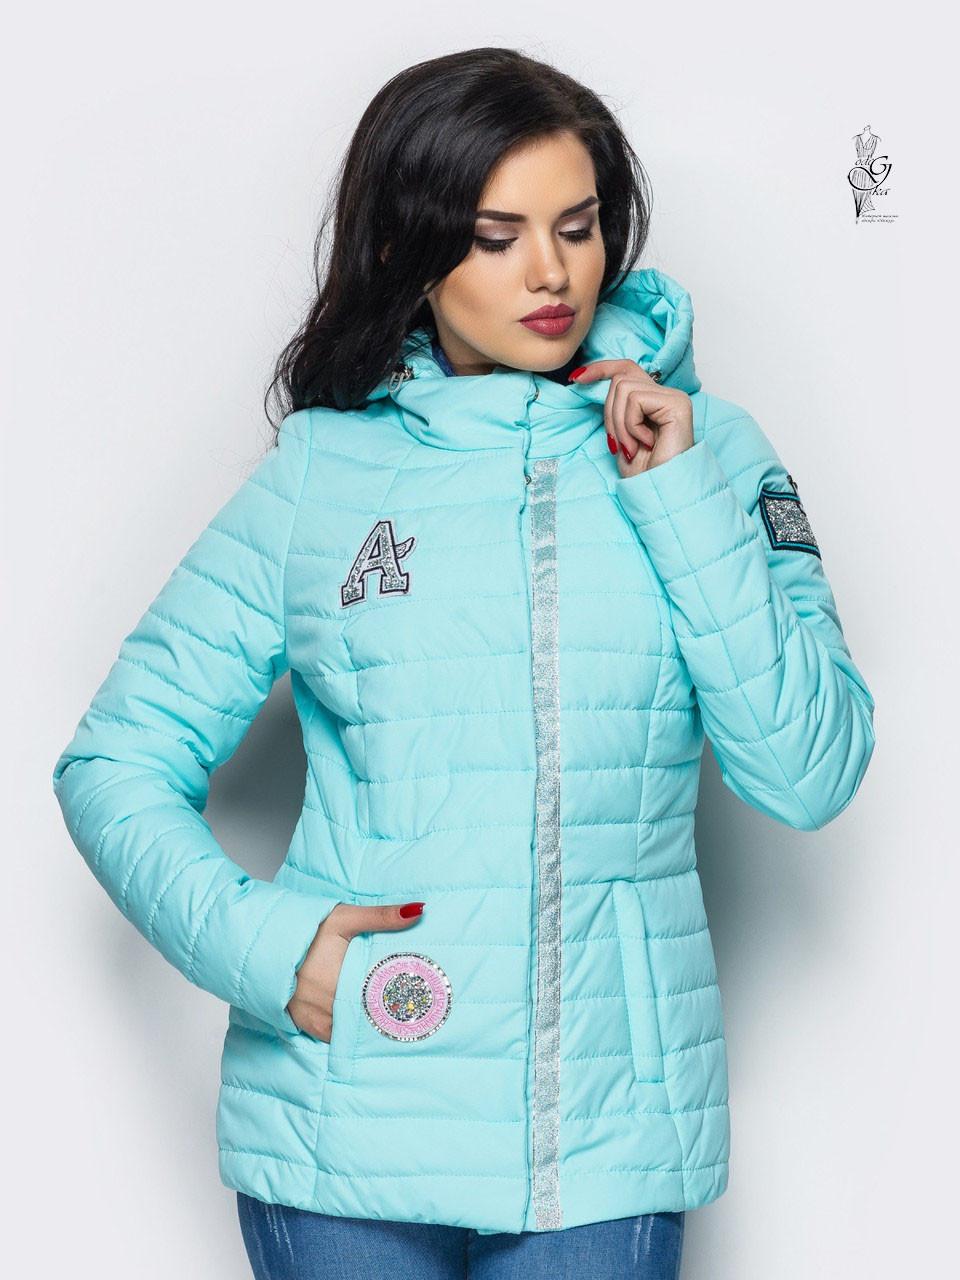 Женская курточка весенняя больших размеров Найс